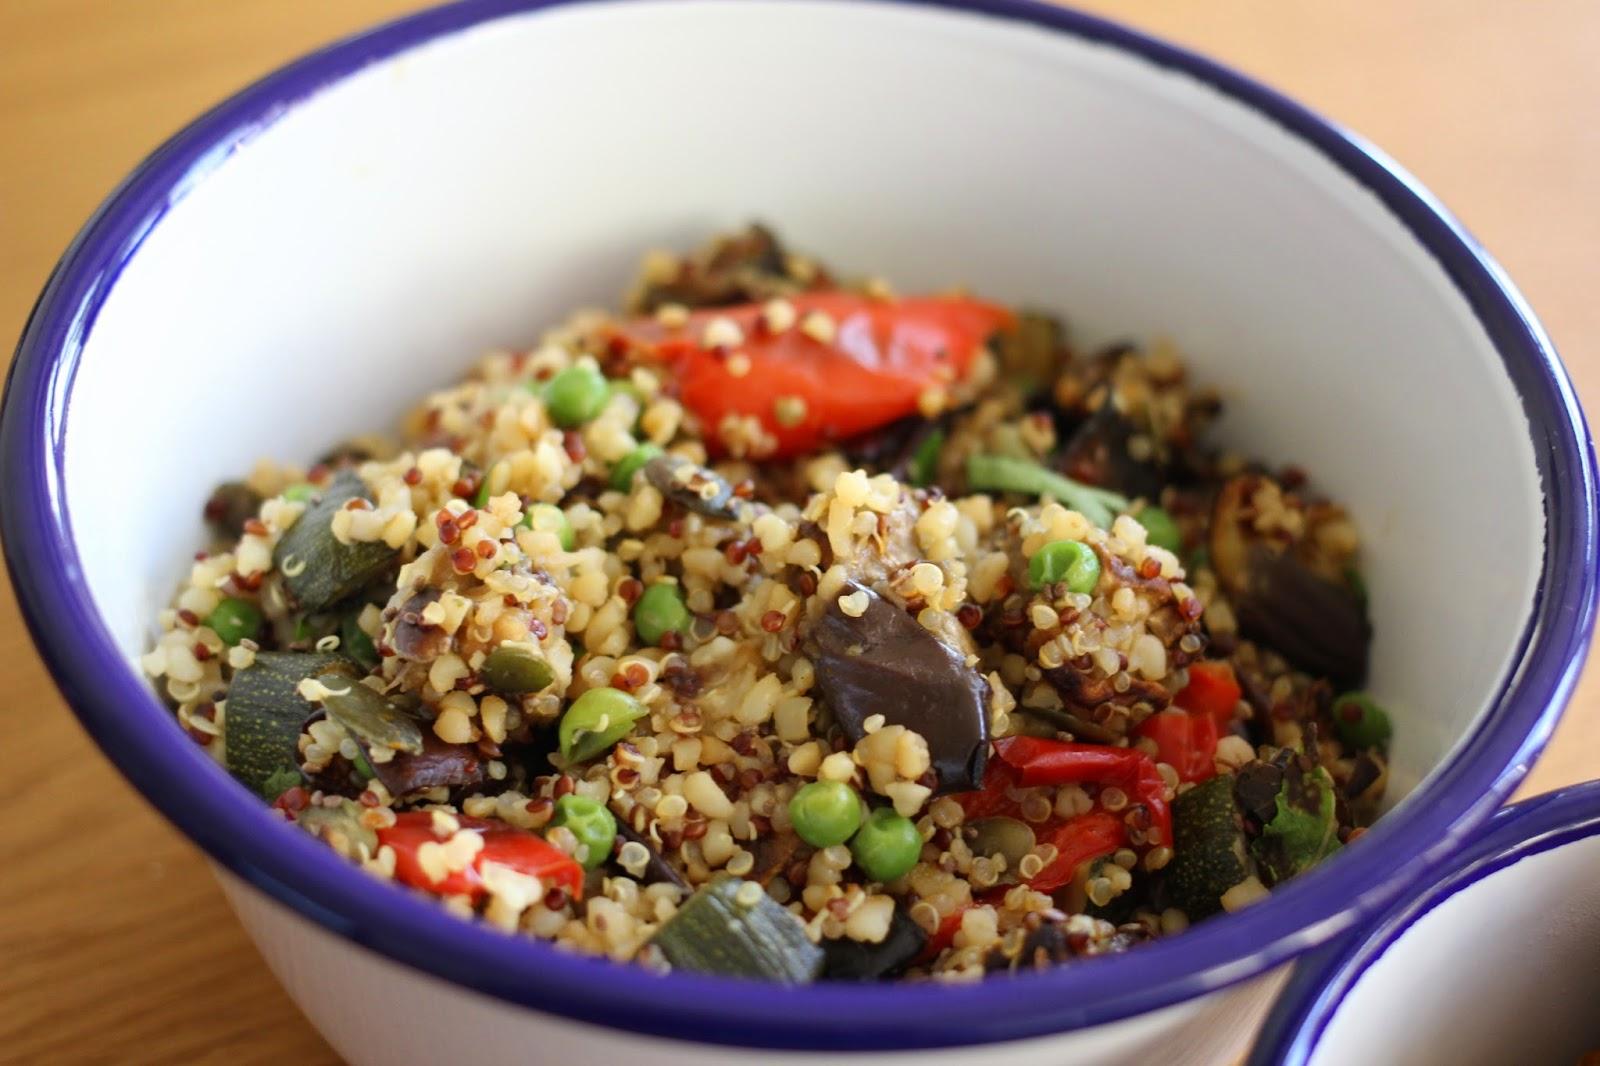 Superfood Quinoa Salad recipe